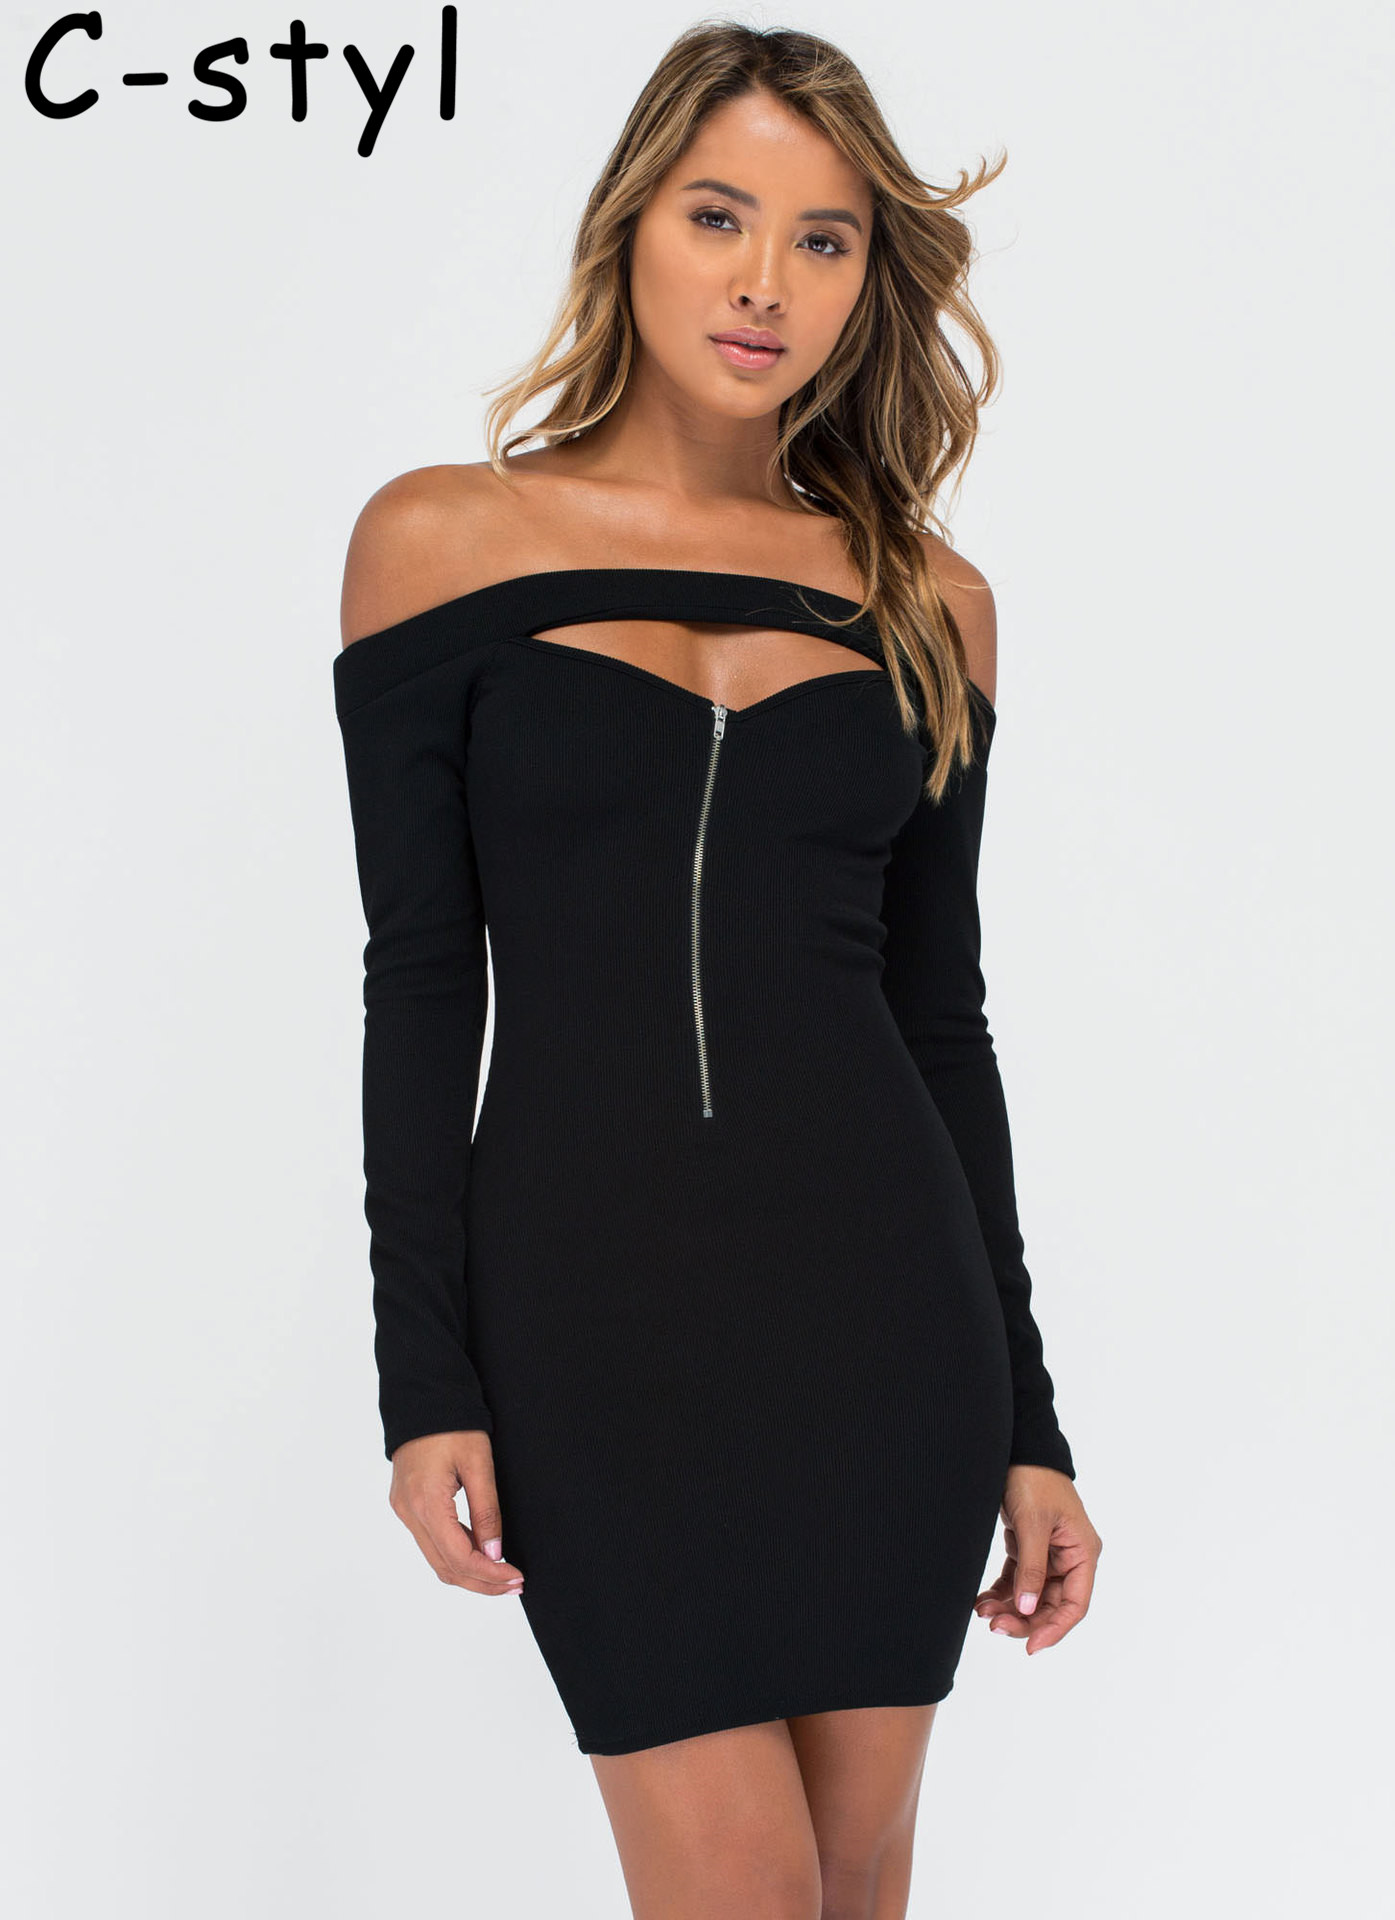 Wunderbar Sexy Kleid Für Partei Ideen - Brautkleider Ideen ...